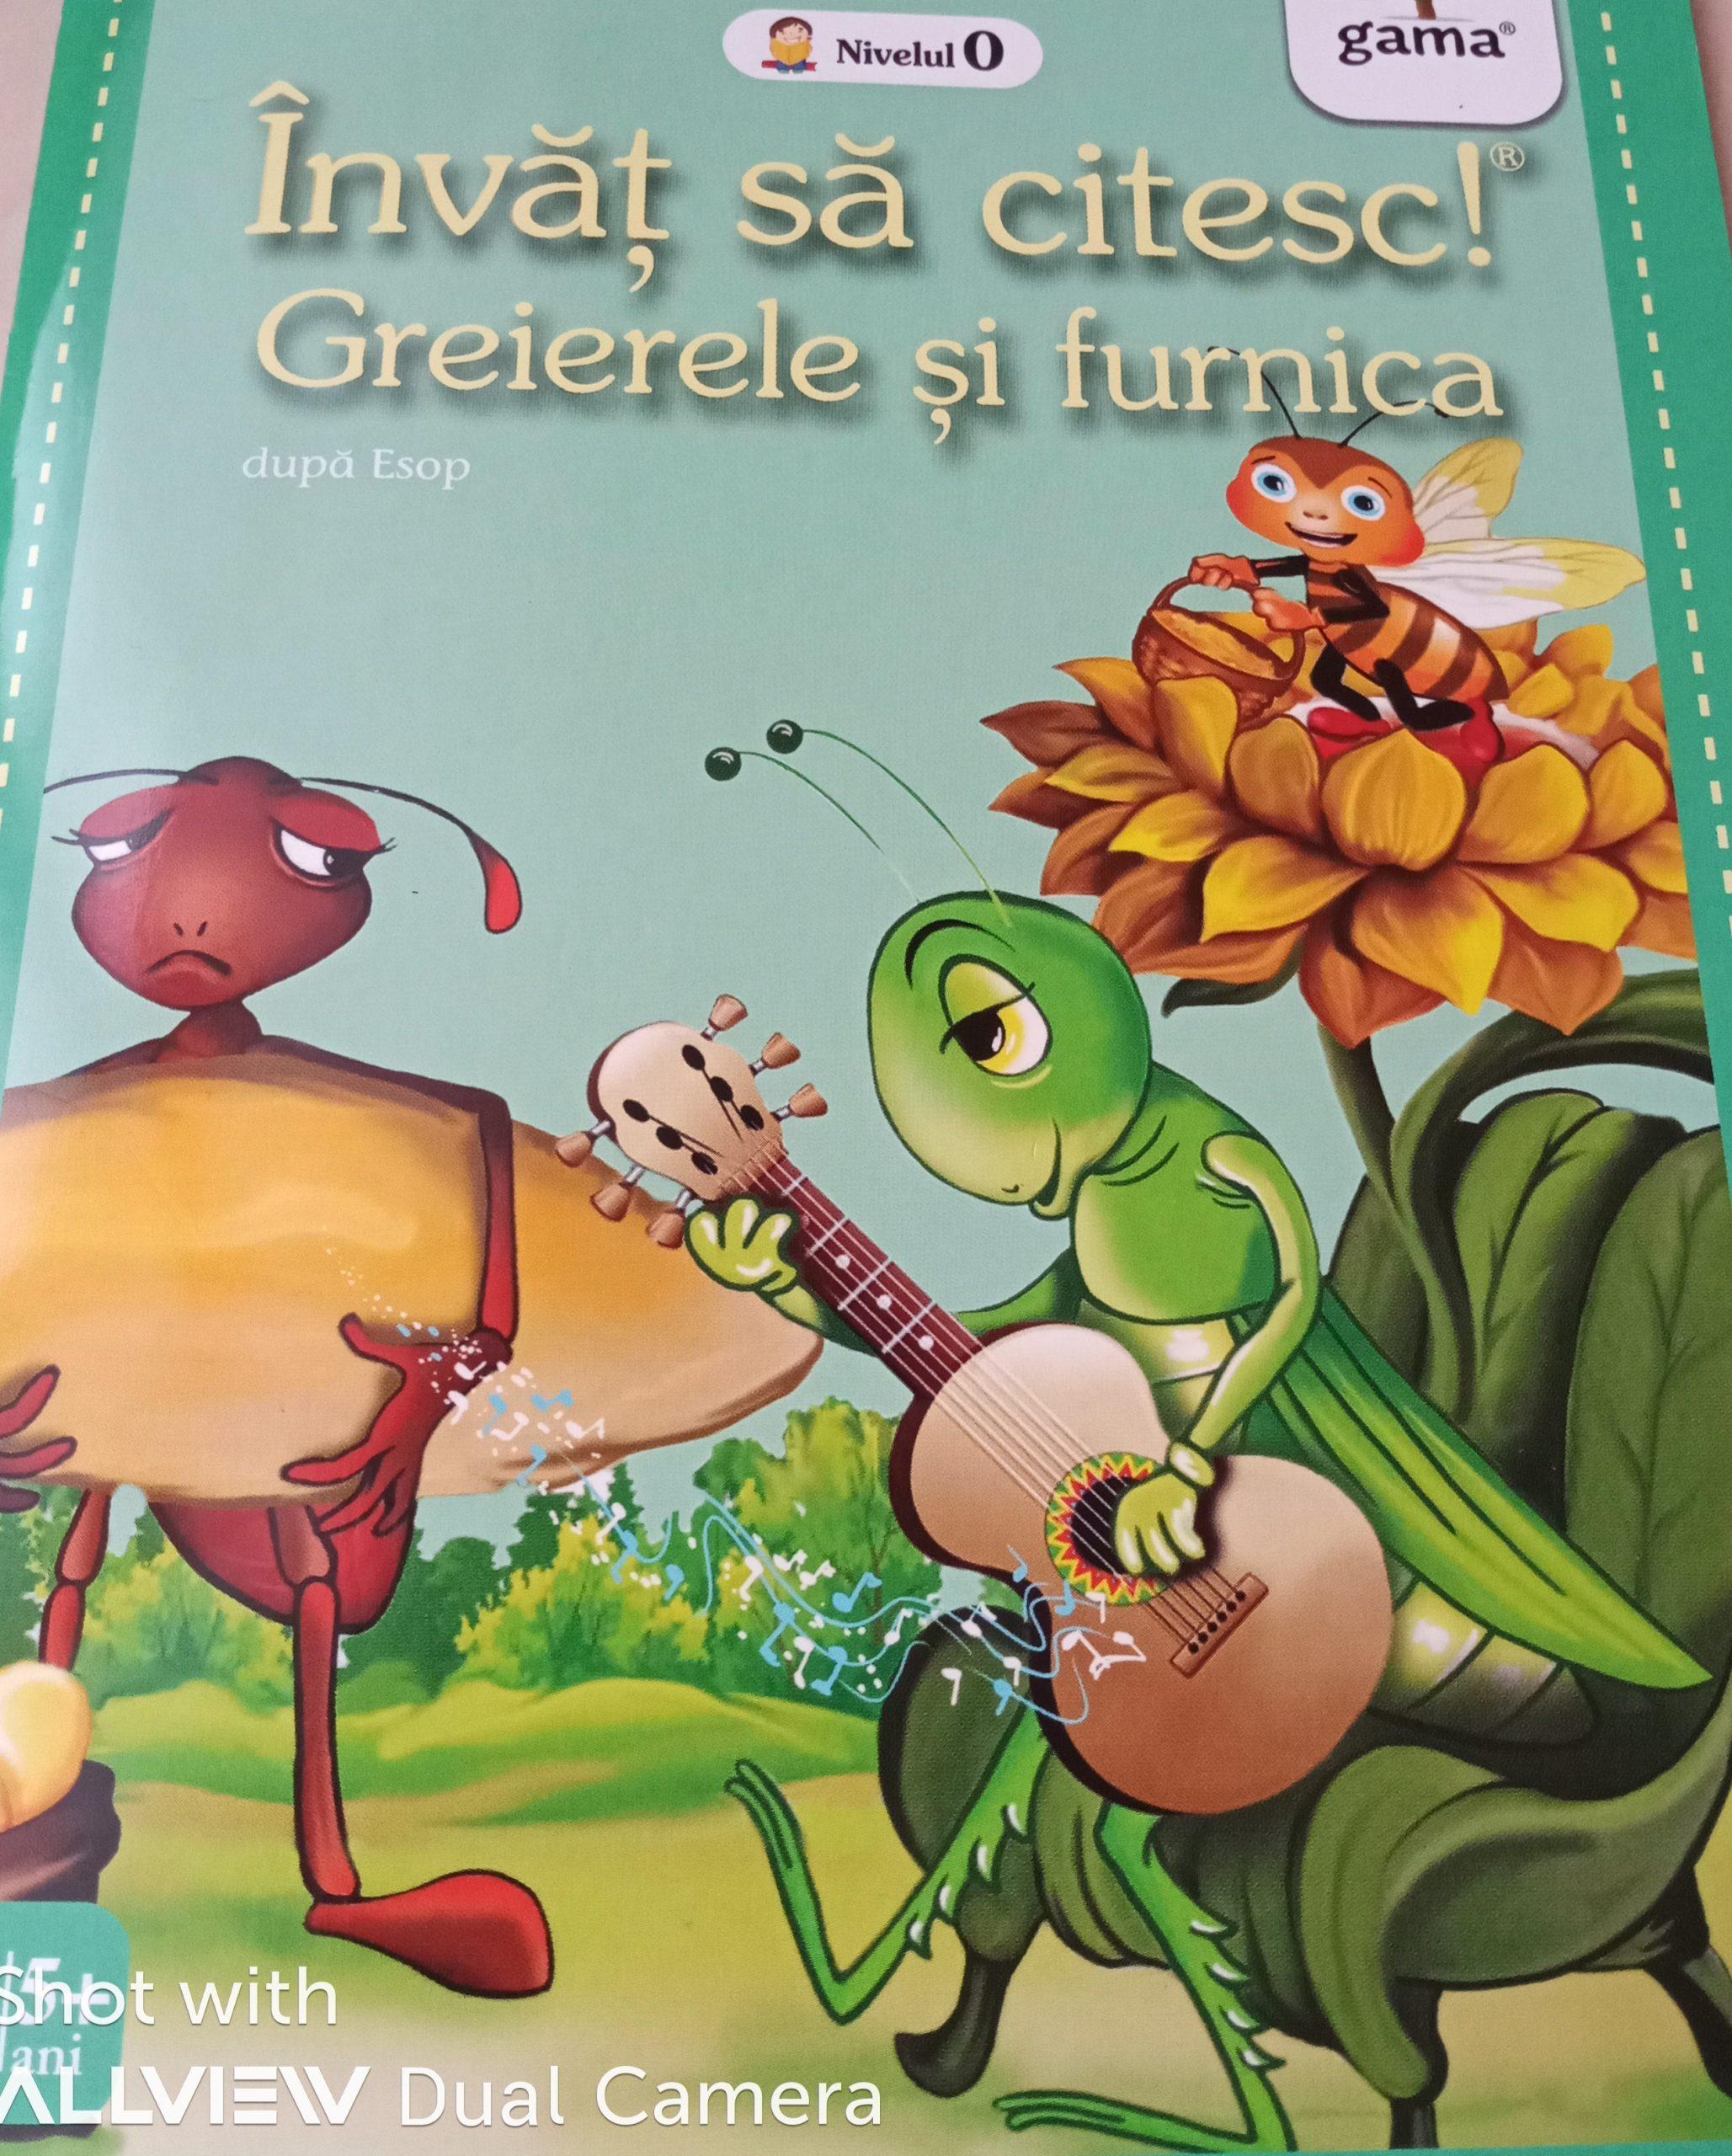 Greierele și furnica – [6]